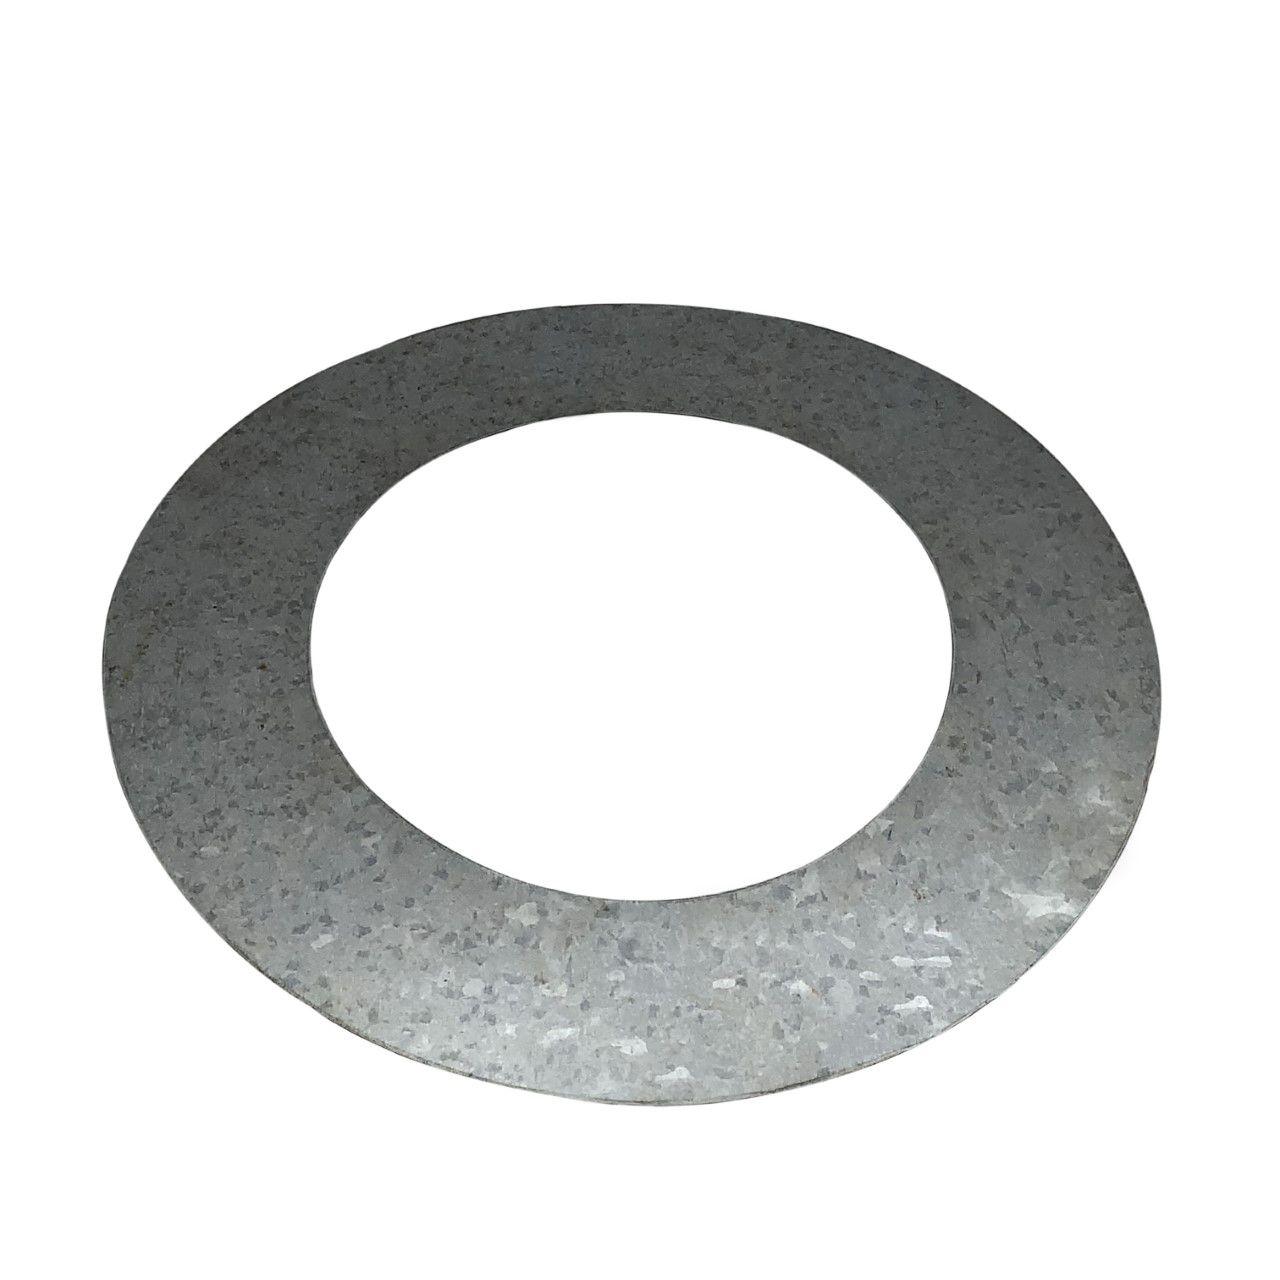 Anel de acabamento galvanizado para laje ou parede para dutos de 115 mm de diâmetro  - Galvocalhas